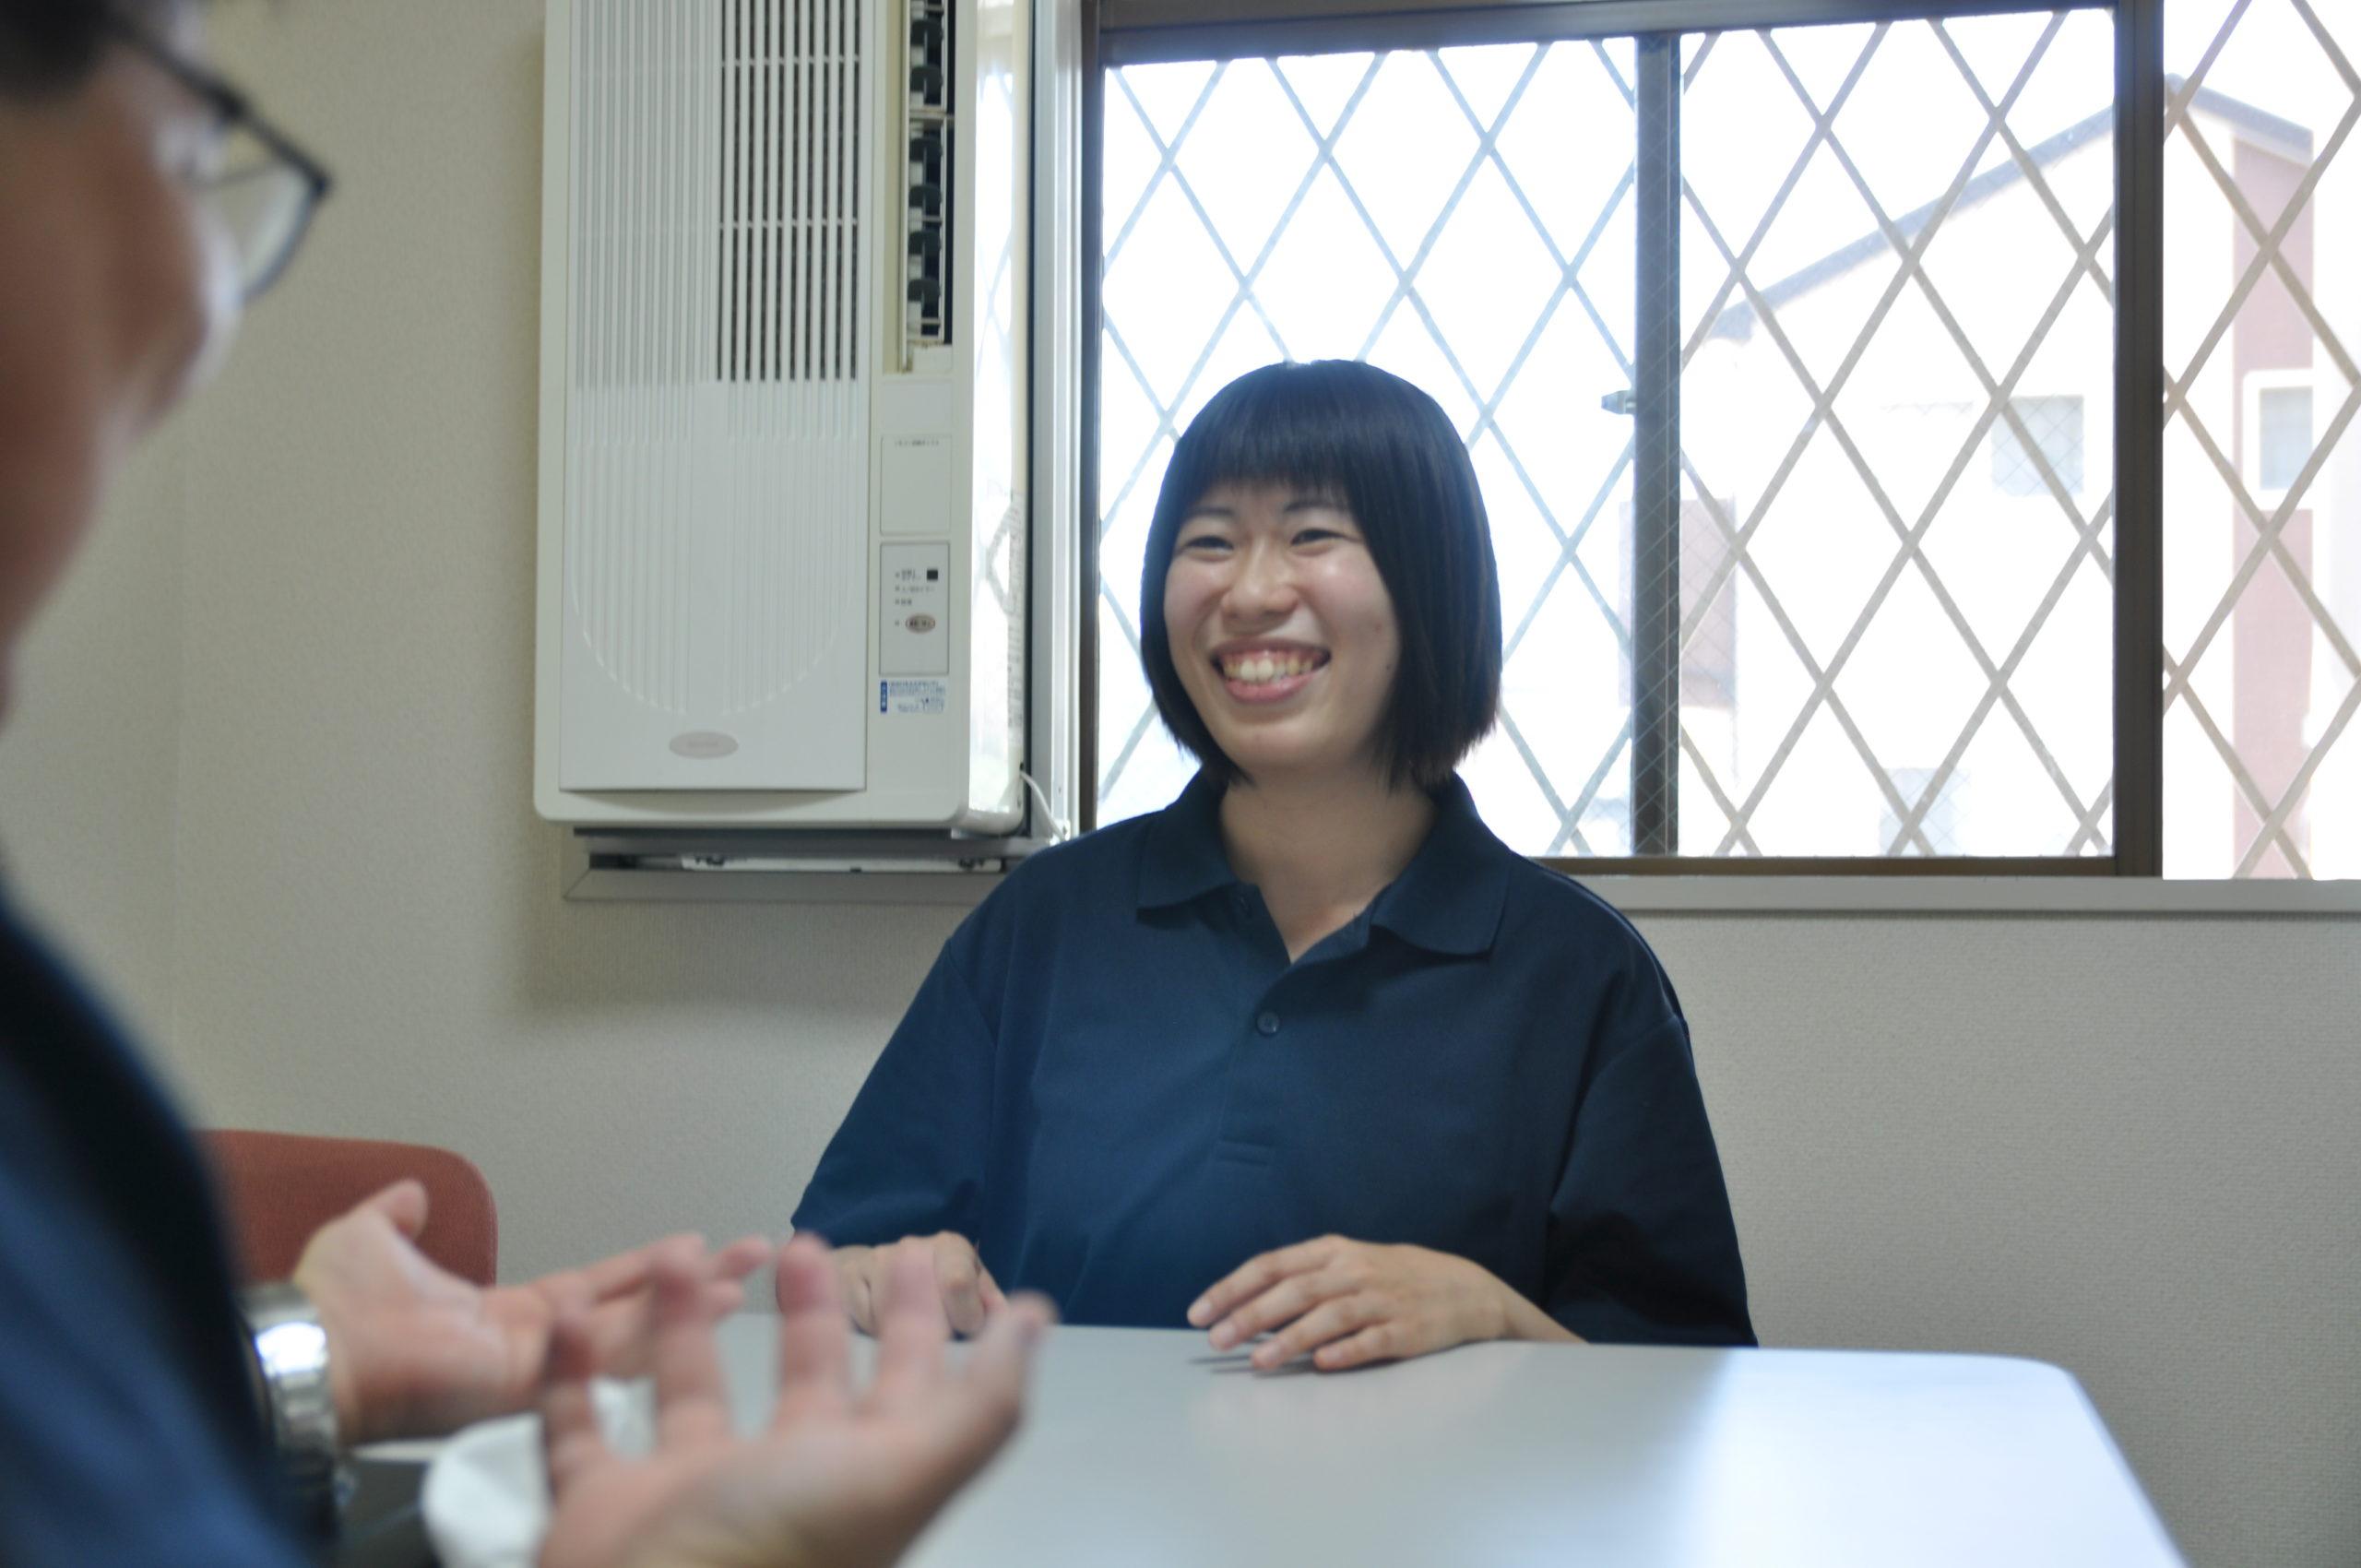 愛・訪問介護ステーション越谷<br>介護スタッフ 阿部 さん イメージ